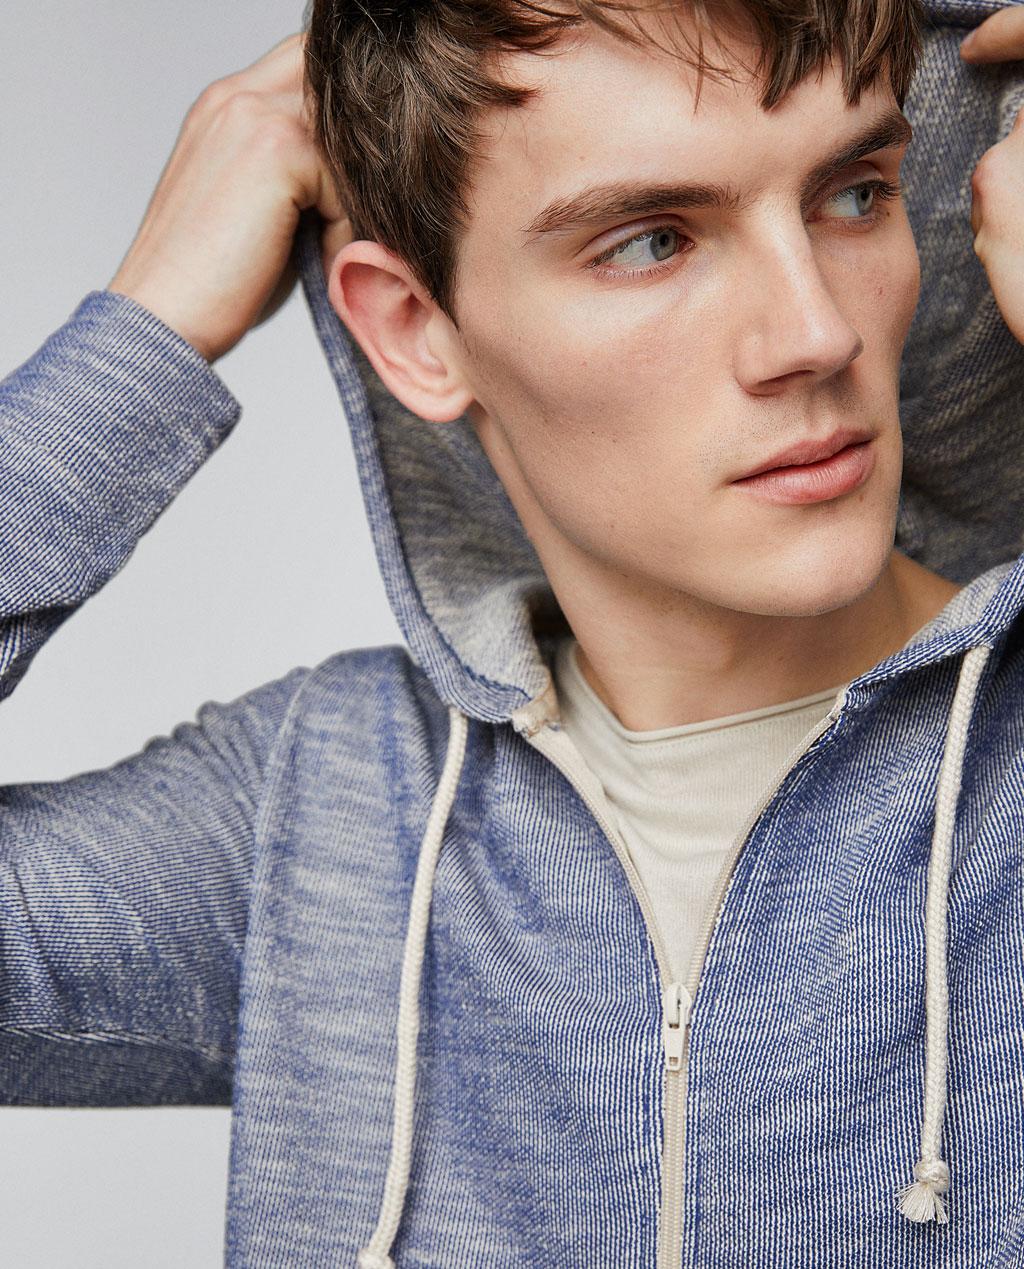 Thời trang nam Zara  23921 - ảnh 5